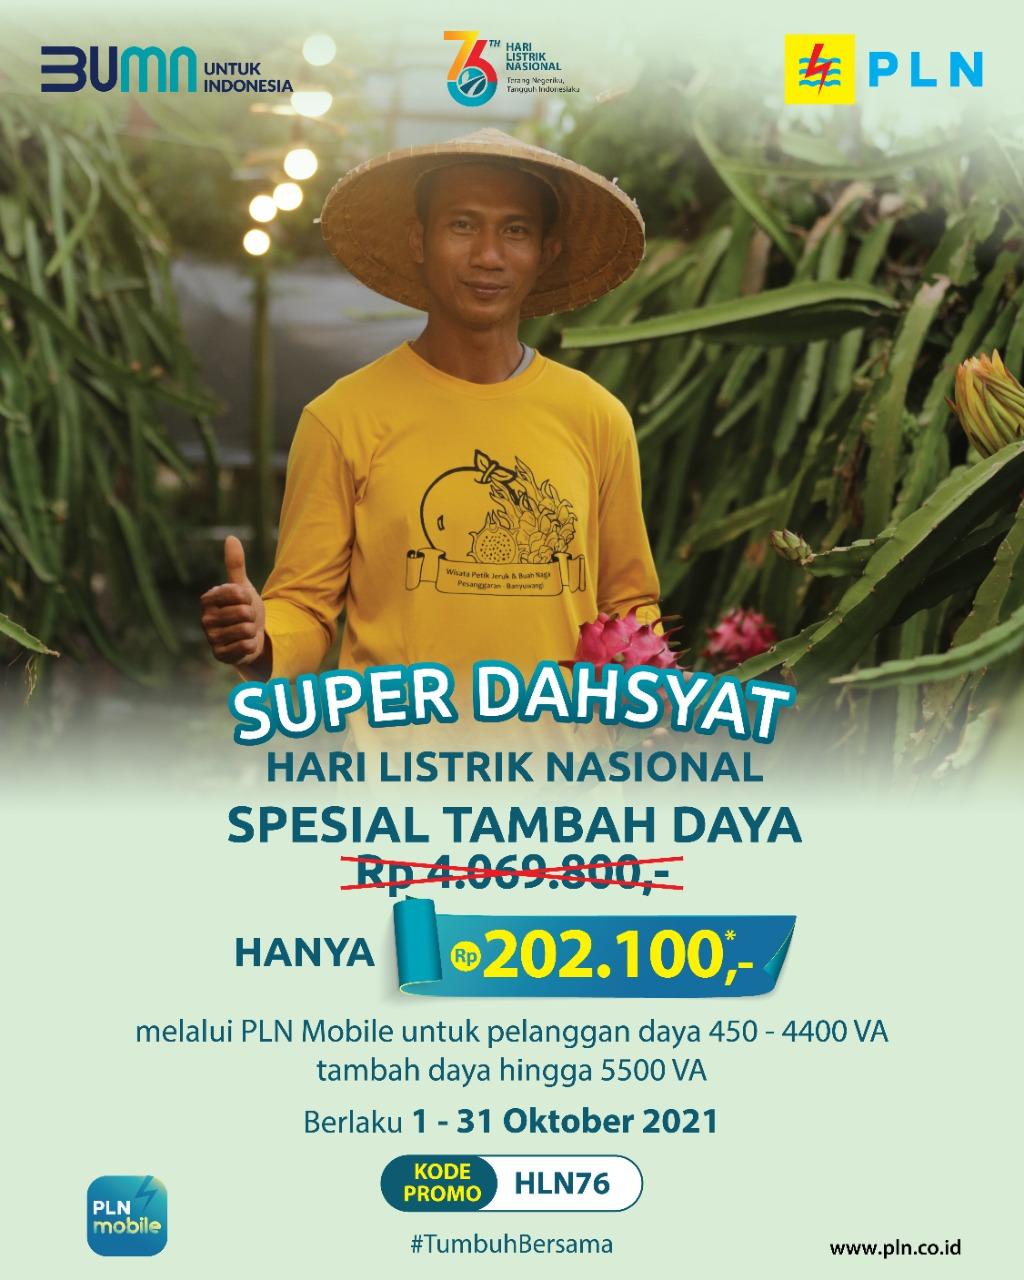 Promo Super Dahsyat Hari Listrik Nasional